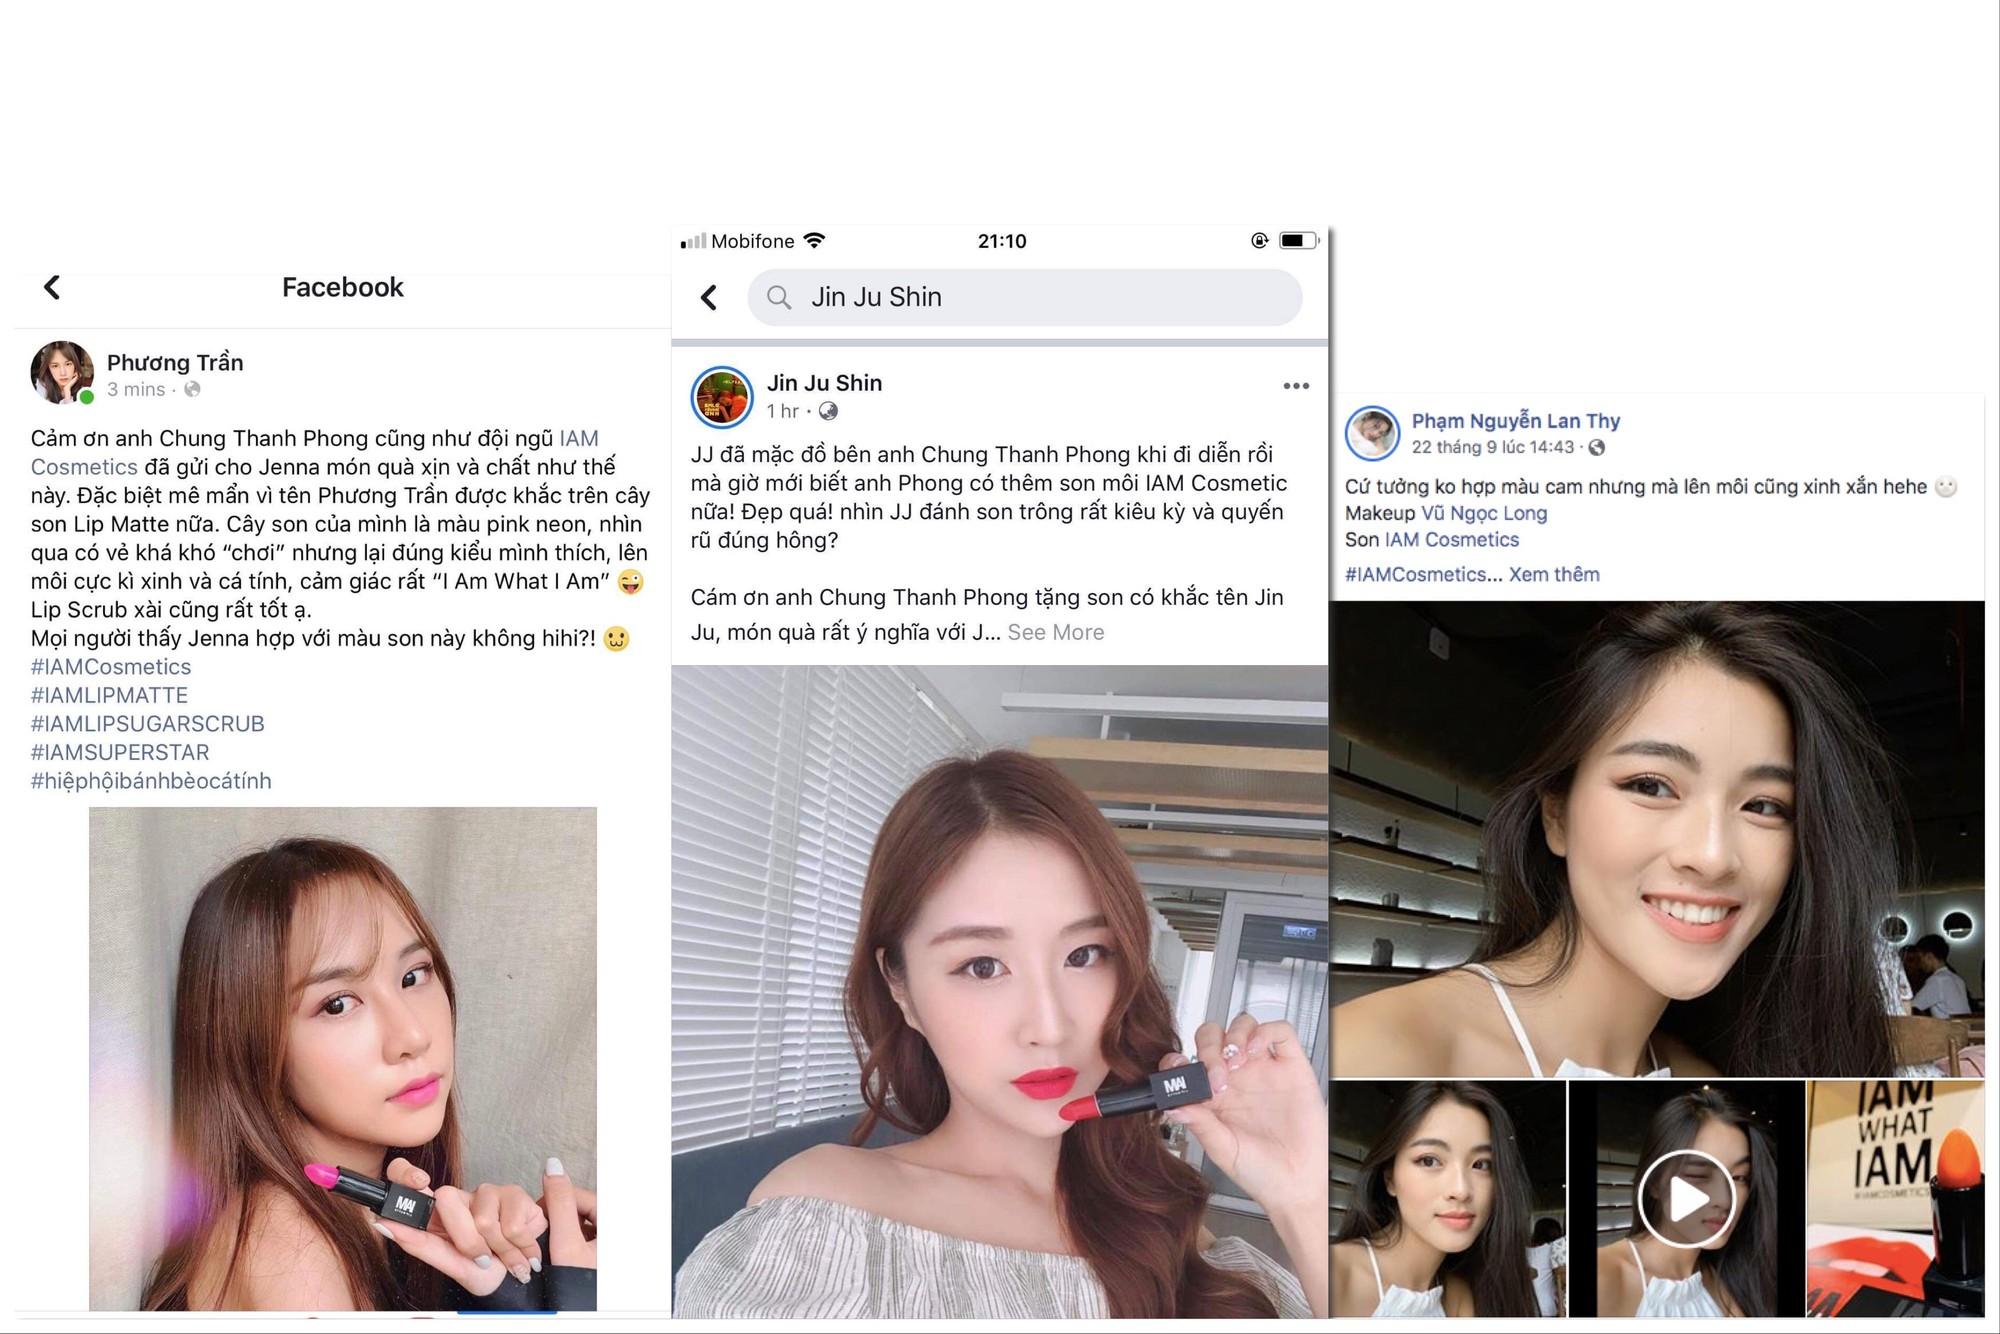 NTK Chung Thanh Phong: Mỗi thỏi son trendy gửi tặng các cô gái đều truyền cảm hứng về sự tự tin - Ảnh 5.